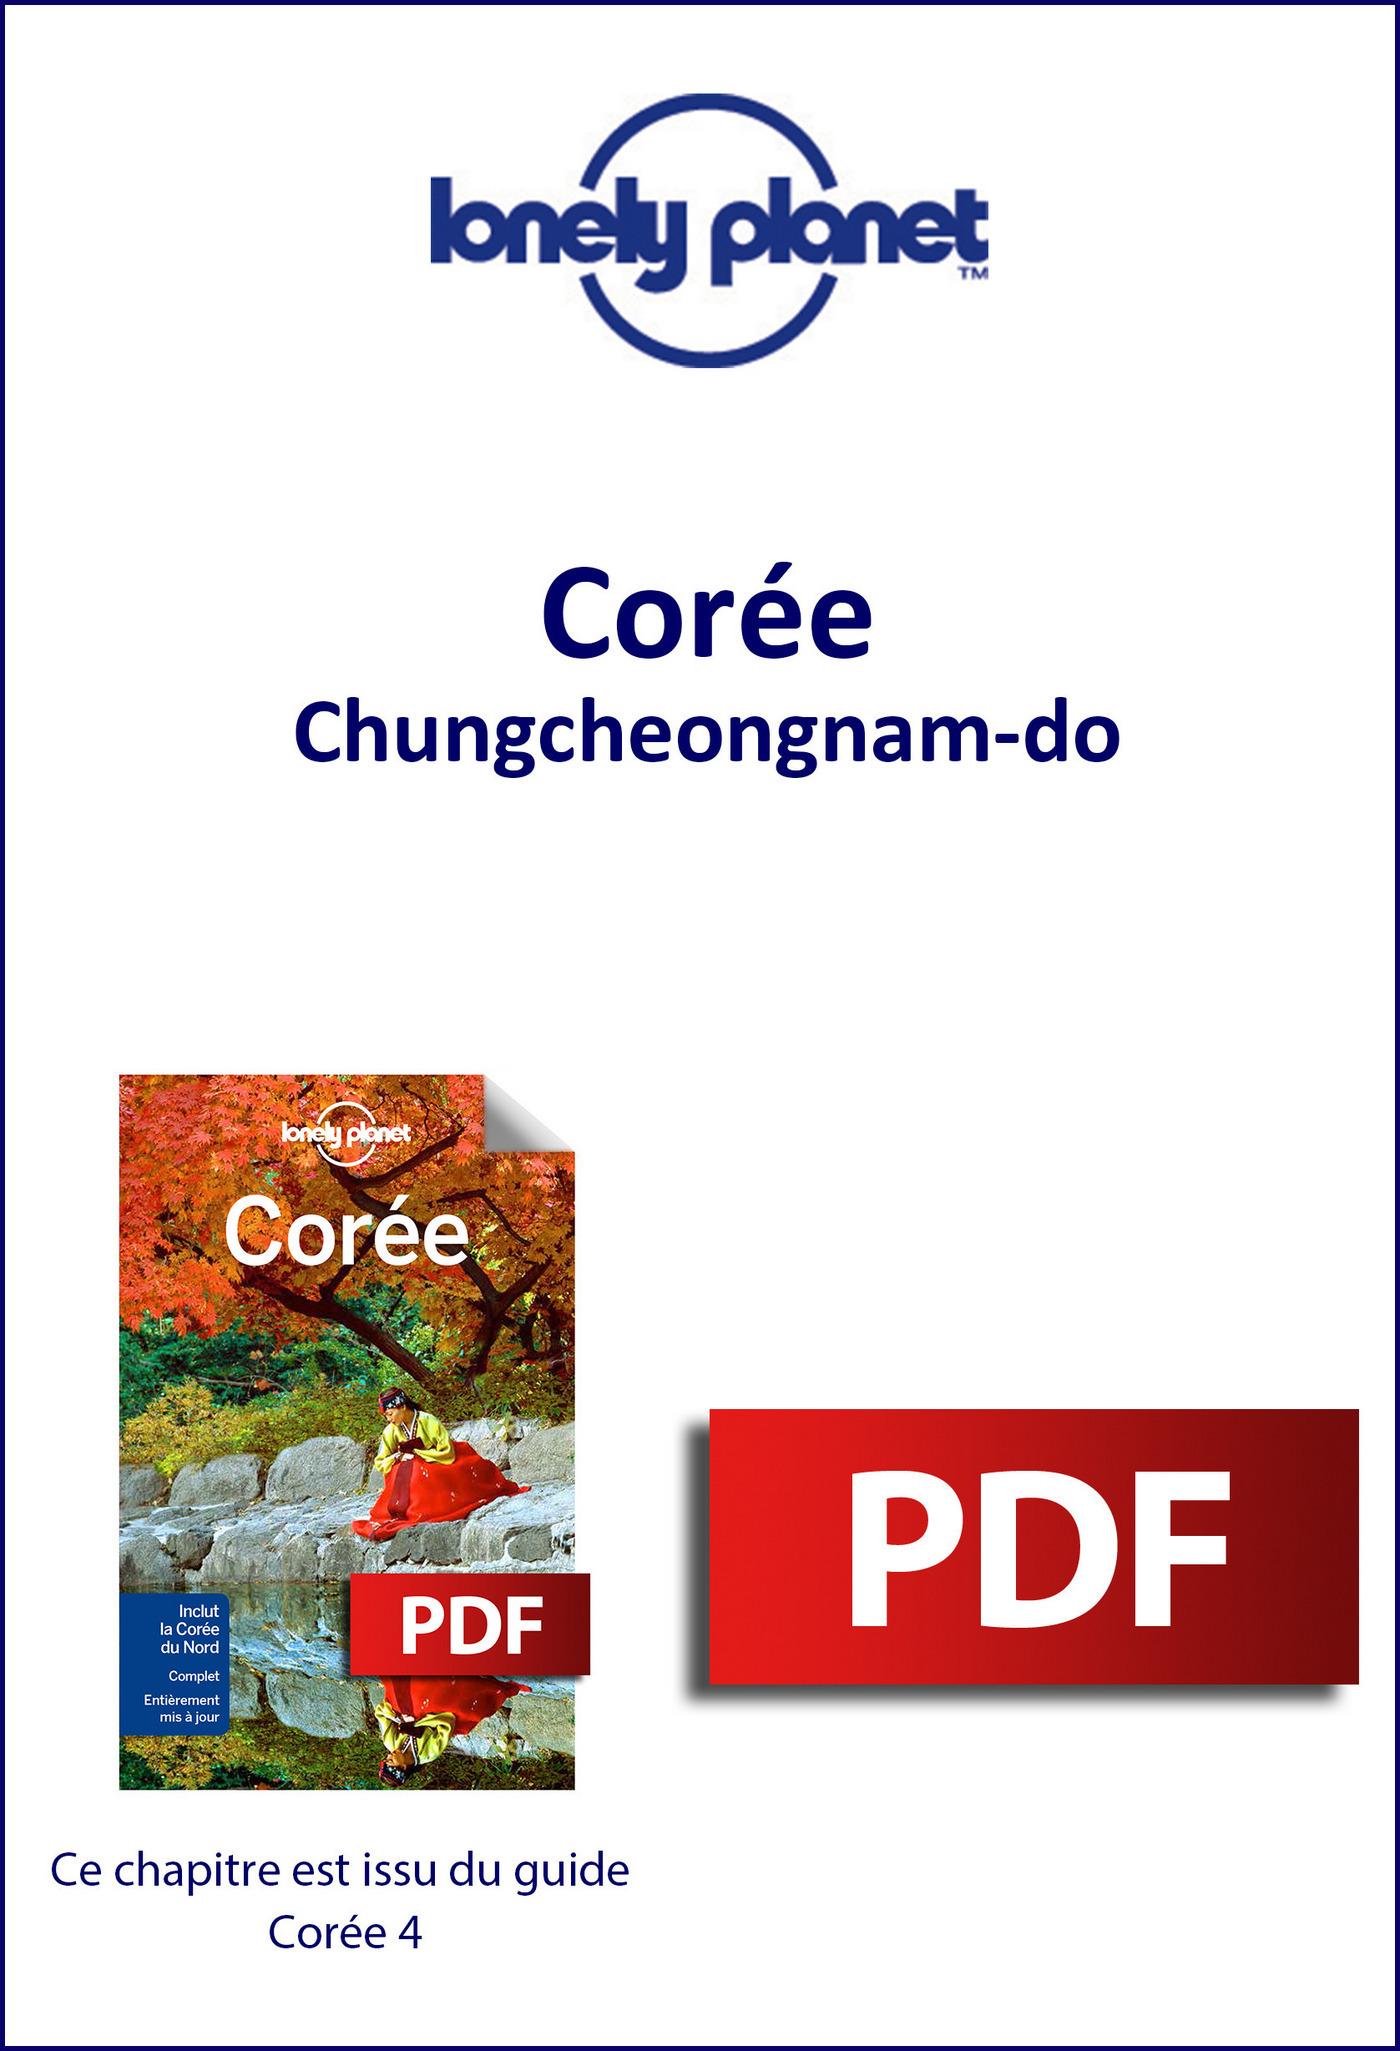 Corée - Chungcheongnam-do